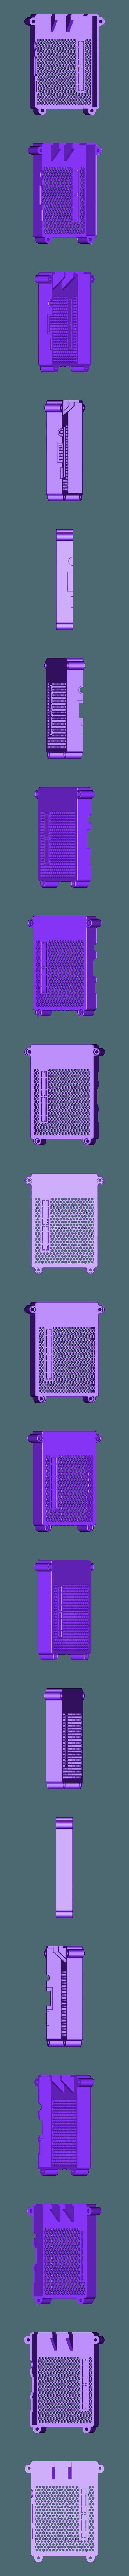 RTS-COVER.STL Télécharger fichier STL gratuit Raspberry Pi Étui officiel pour écran tactile Raspberry Pi • Modèle pour imprimante 3D, mkellsy